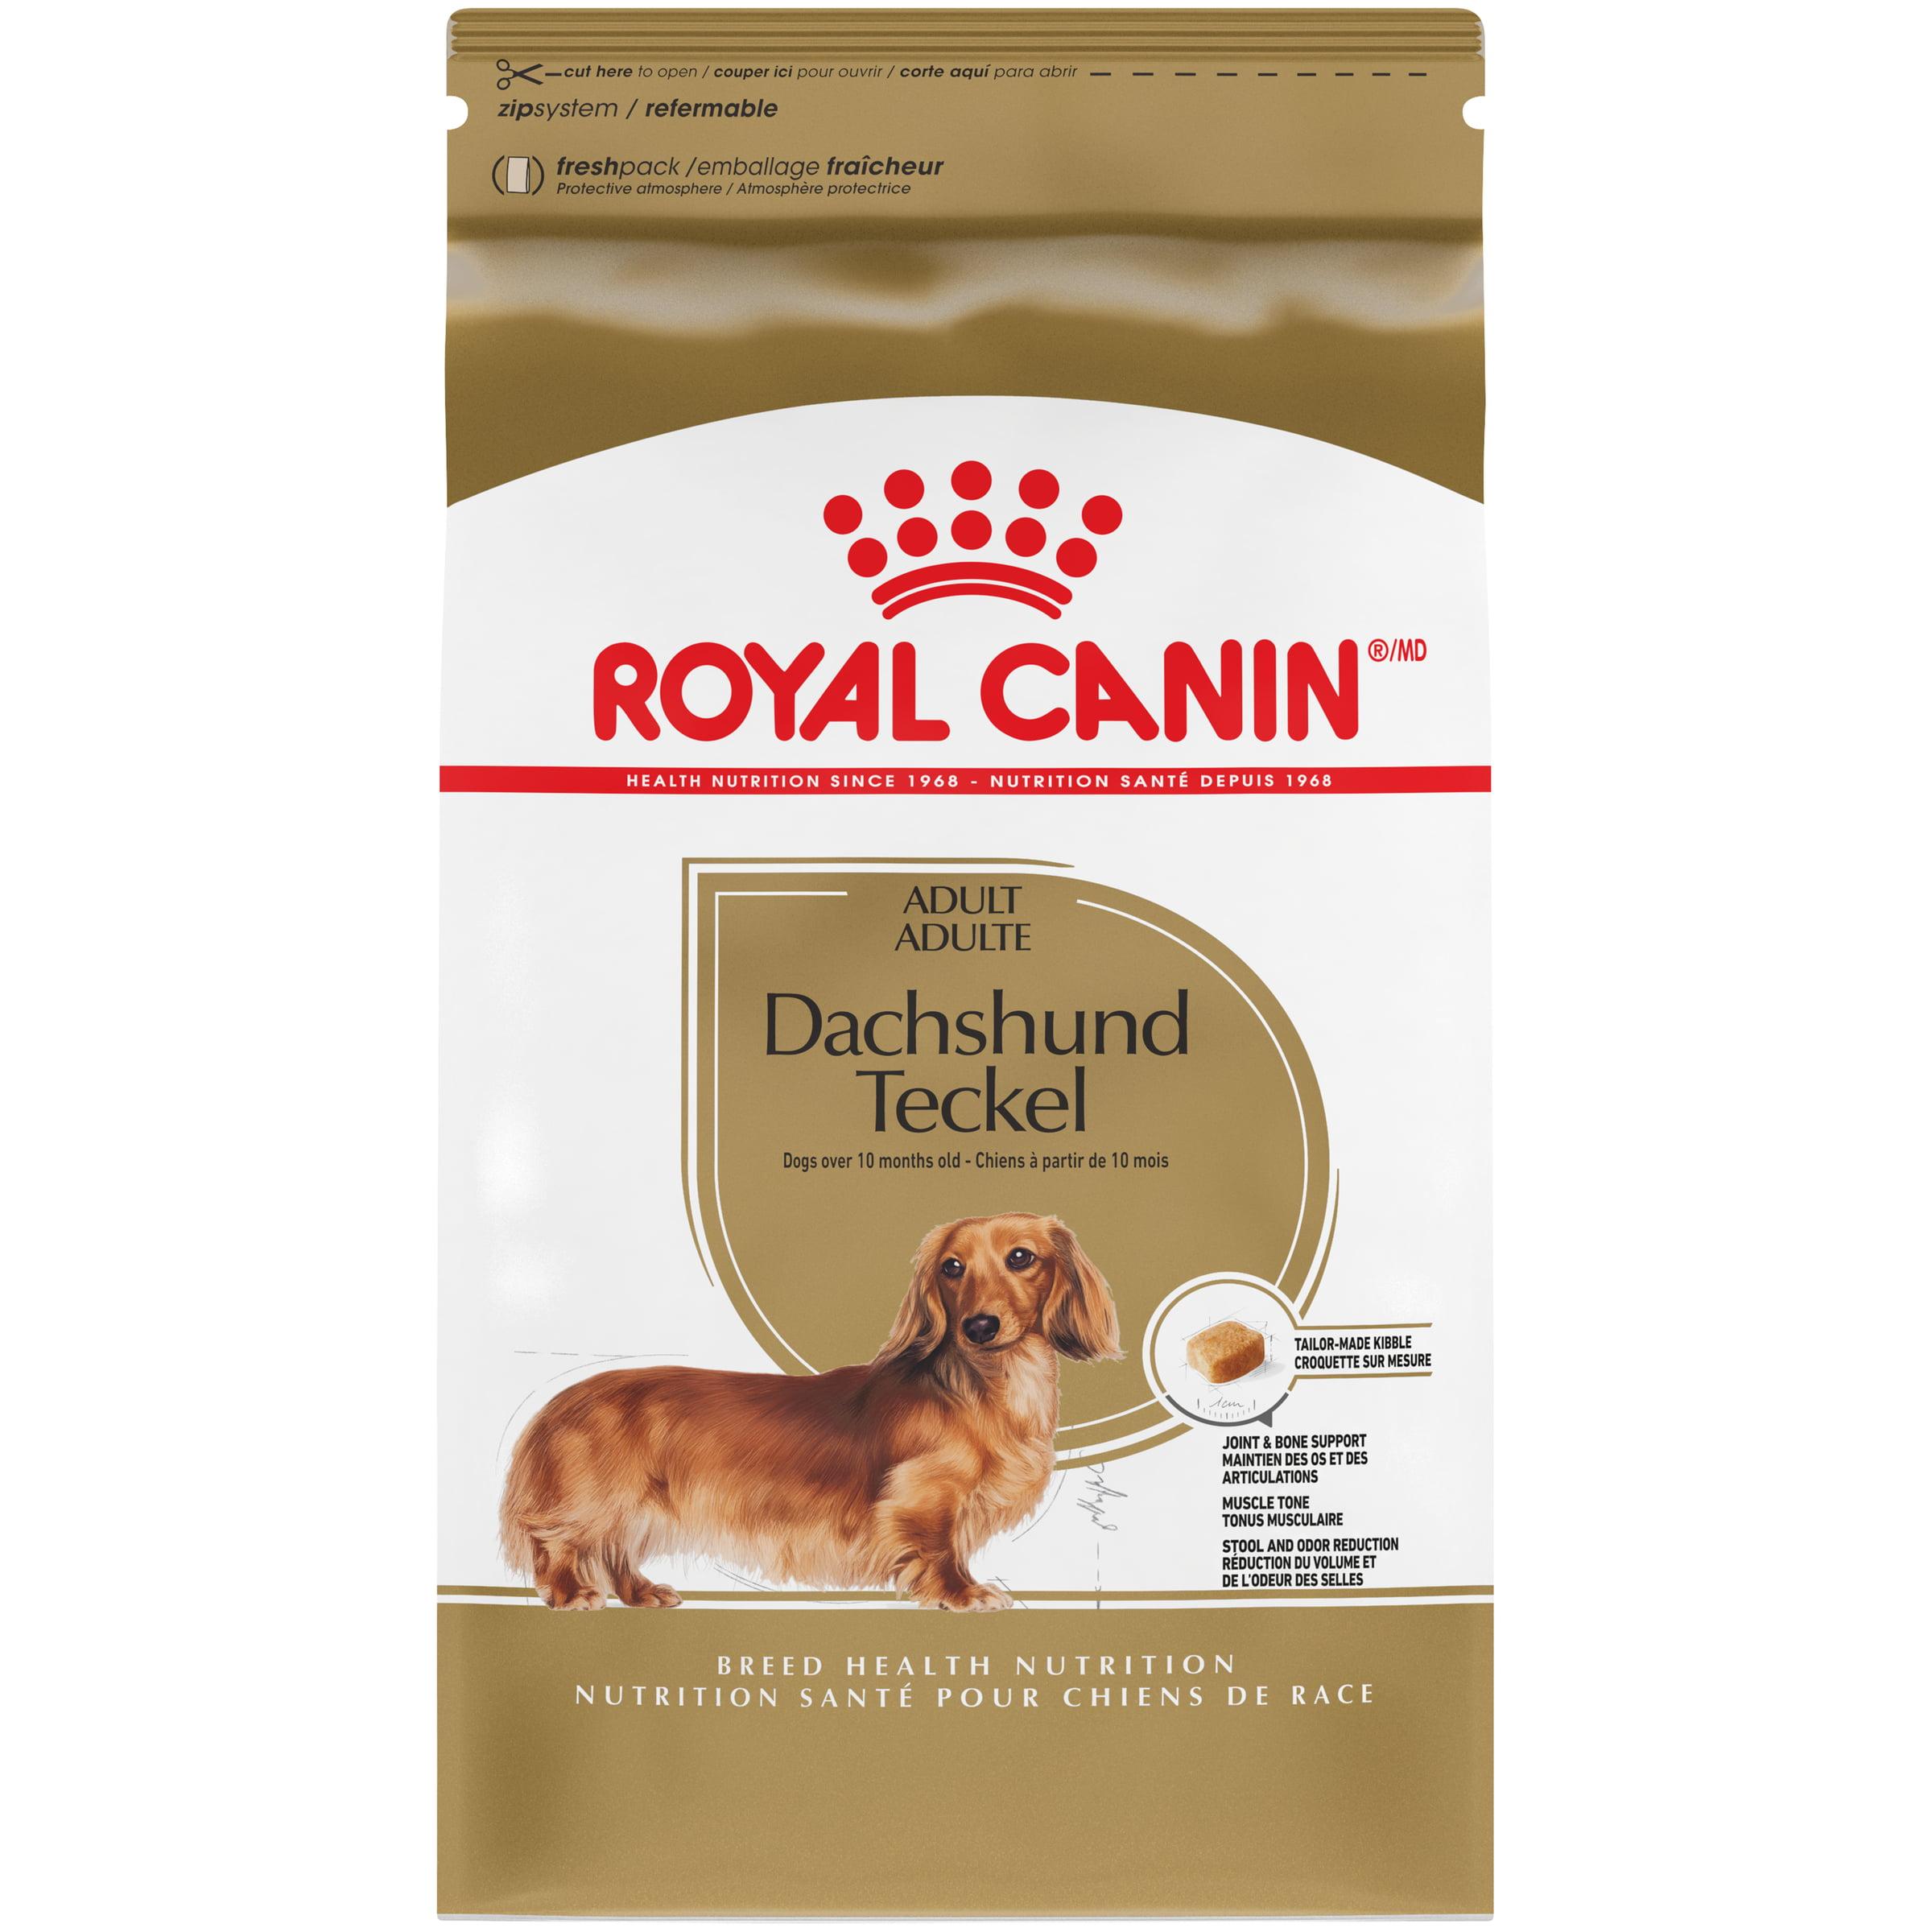 Royal Canin Dachshund Adult Dry Dog Food, 2.5 lb